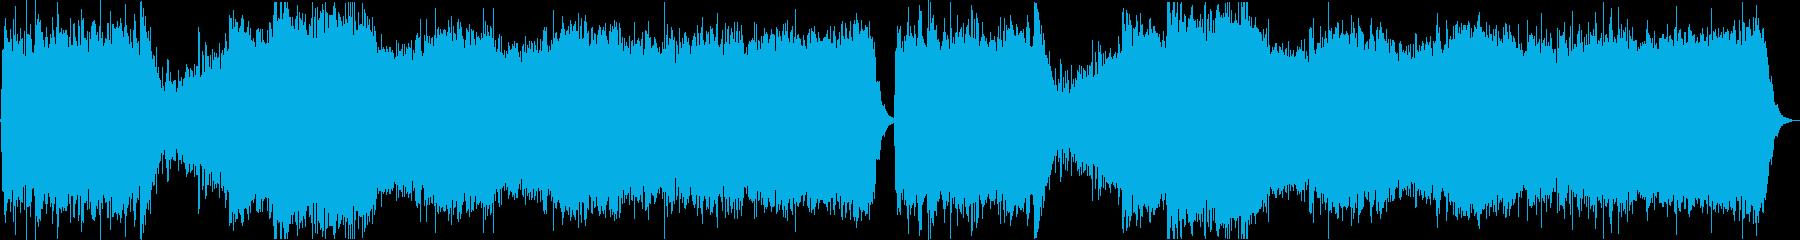 ホラー映画に最適なBGMの再生済みの波形